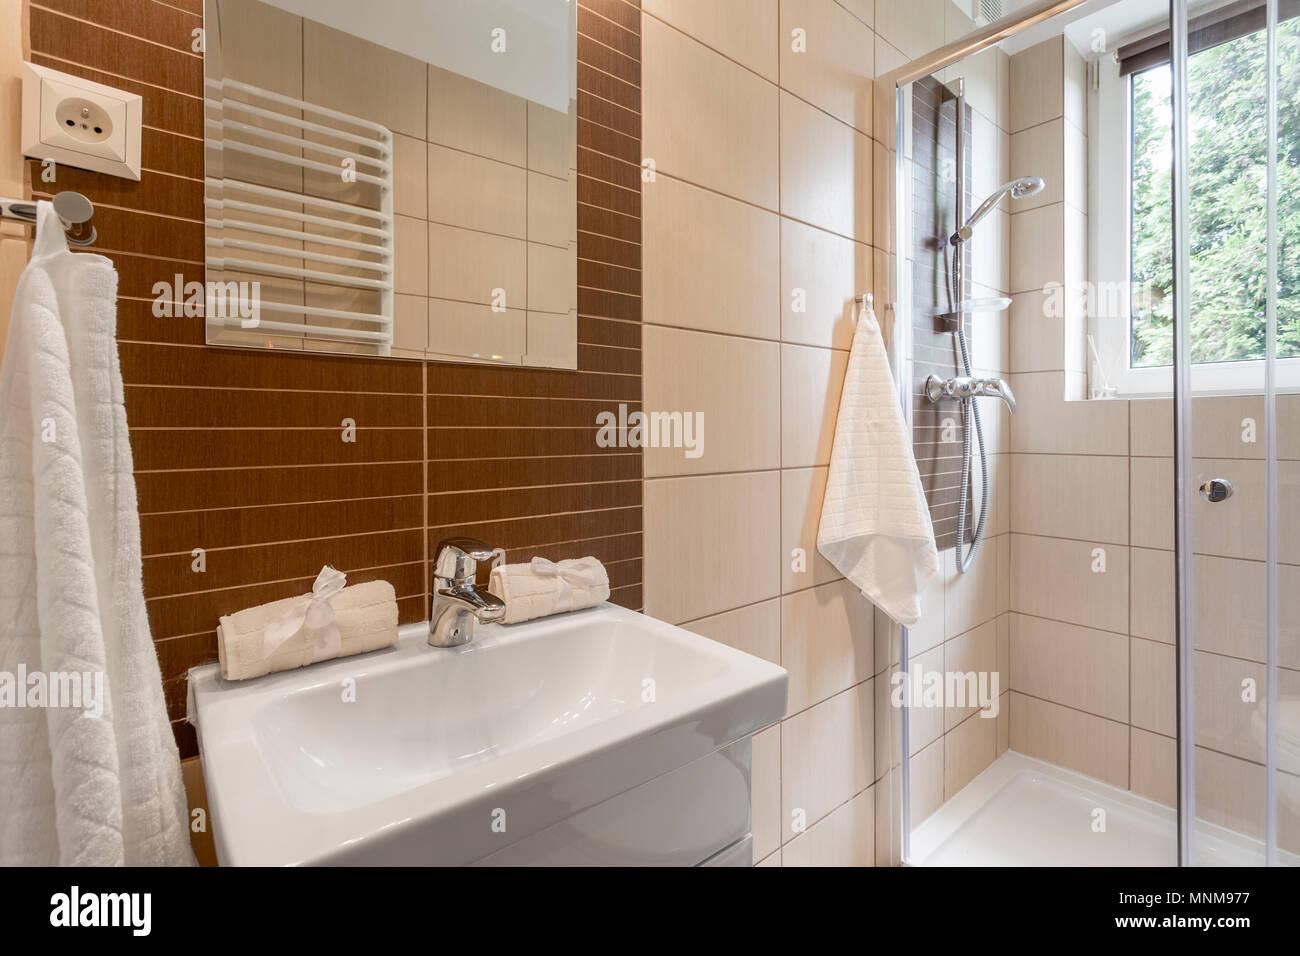 Kleines Badezimmer mit braunen Fliesen, Spiegel, Dusche und ...